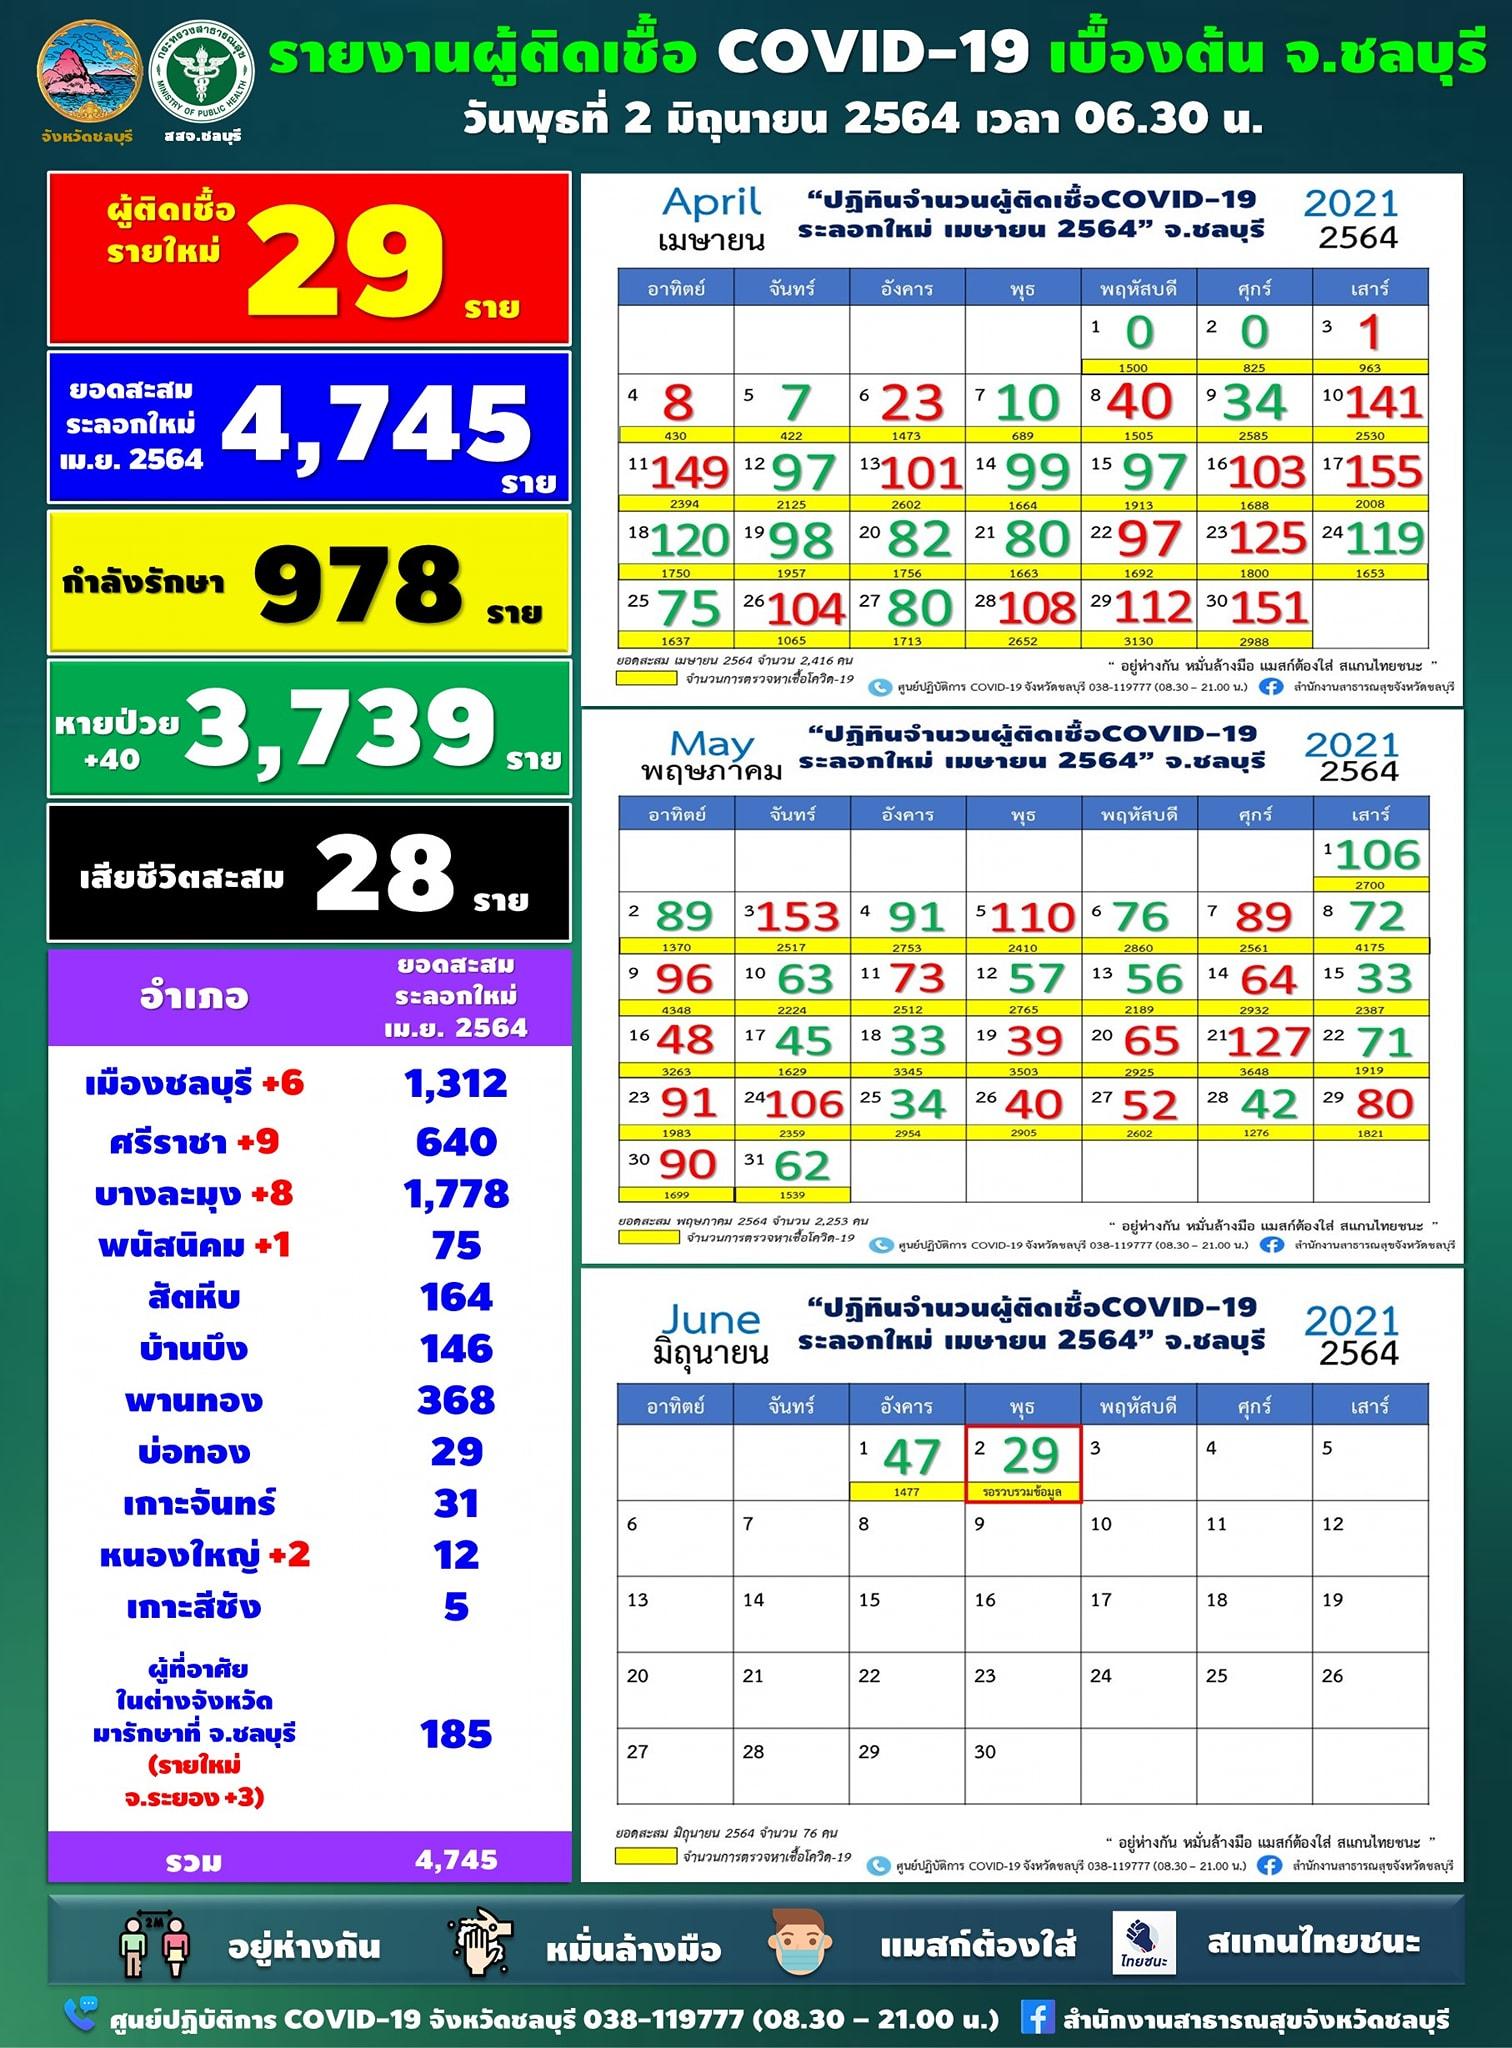 チョンブリ県 陽性28人/シラチャ9人、バーンラムン8人、チョンブリ6人[2021年6月2日発表]